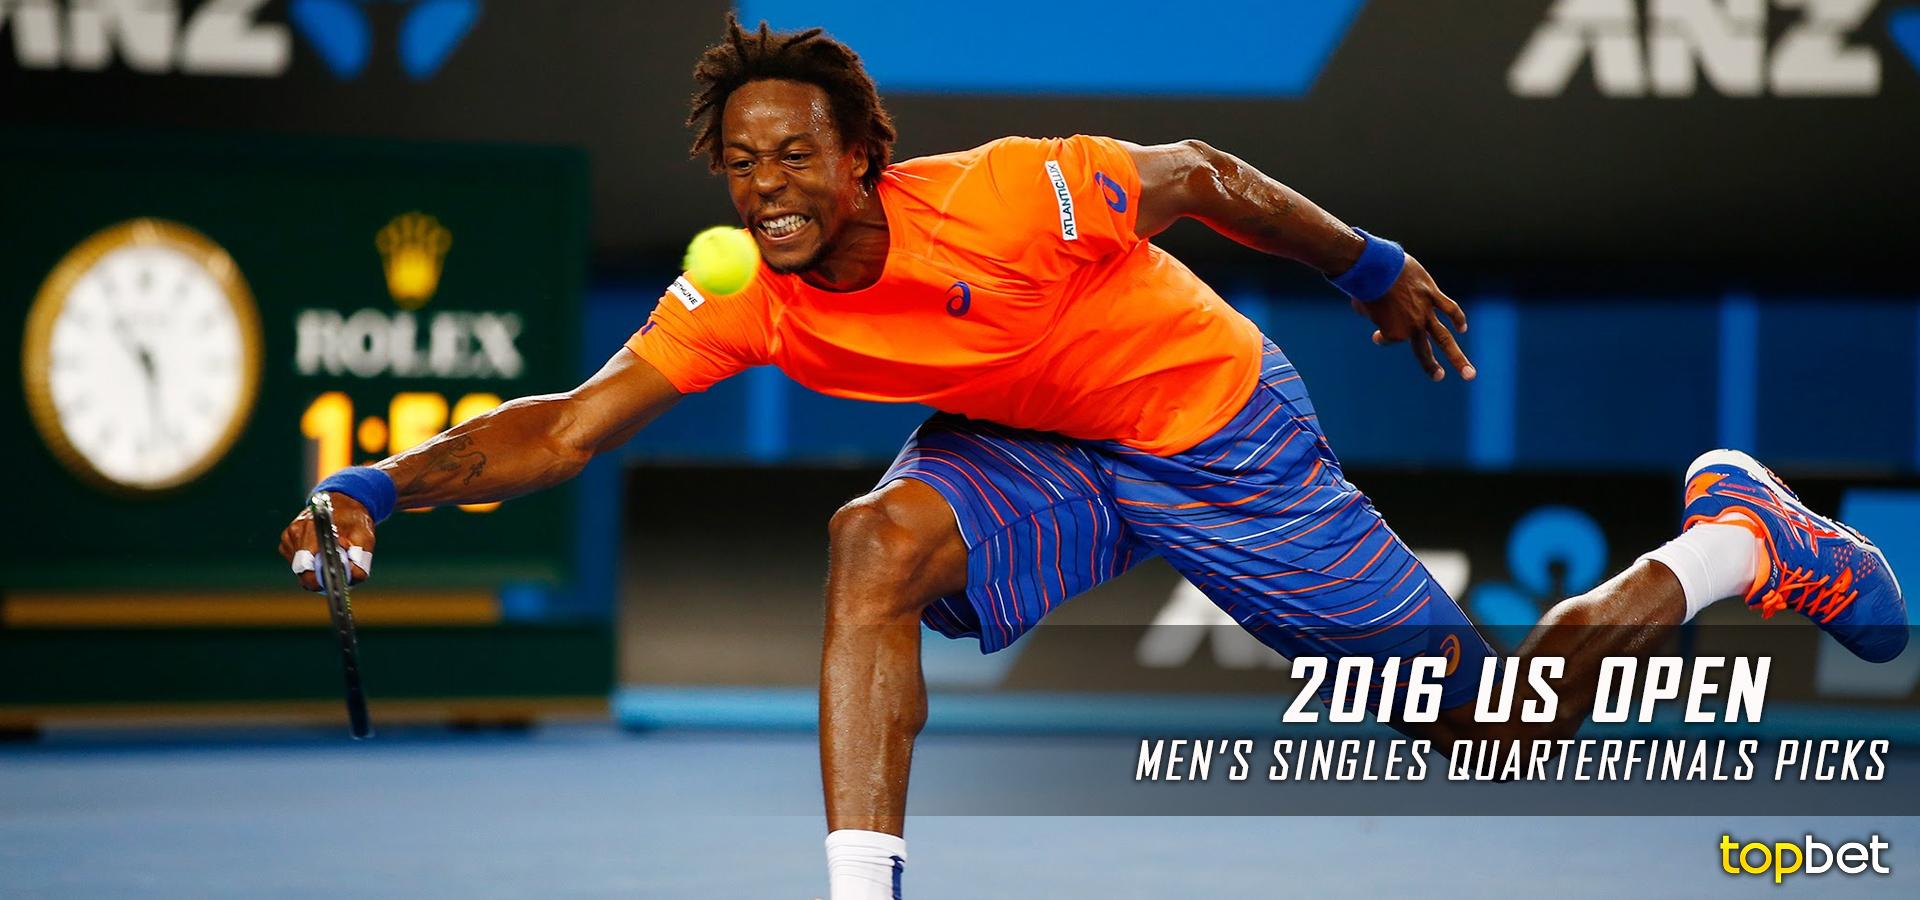 2016 US Open Tennis Quarterfinals Predictions & Picks - Mens